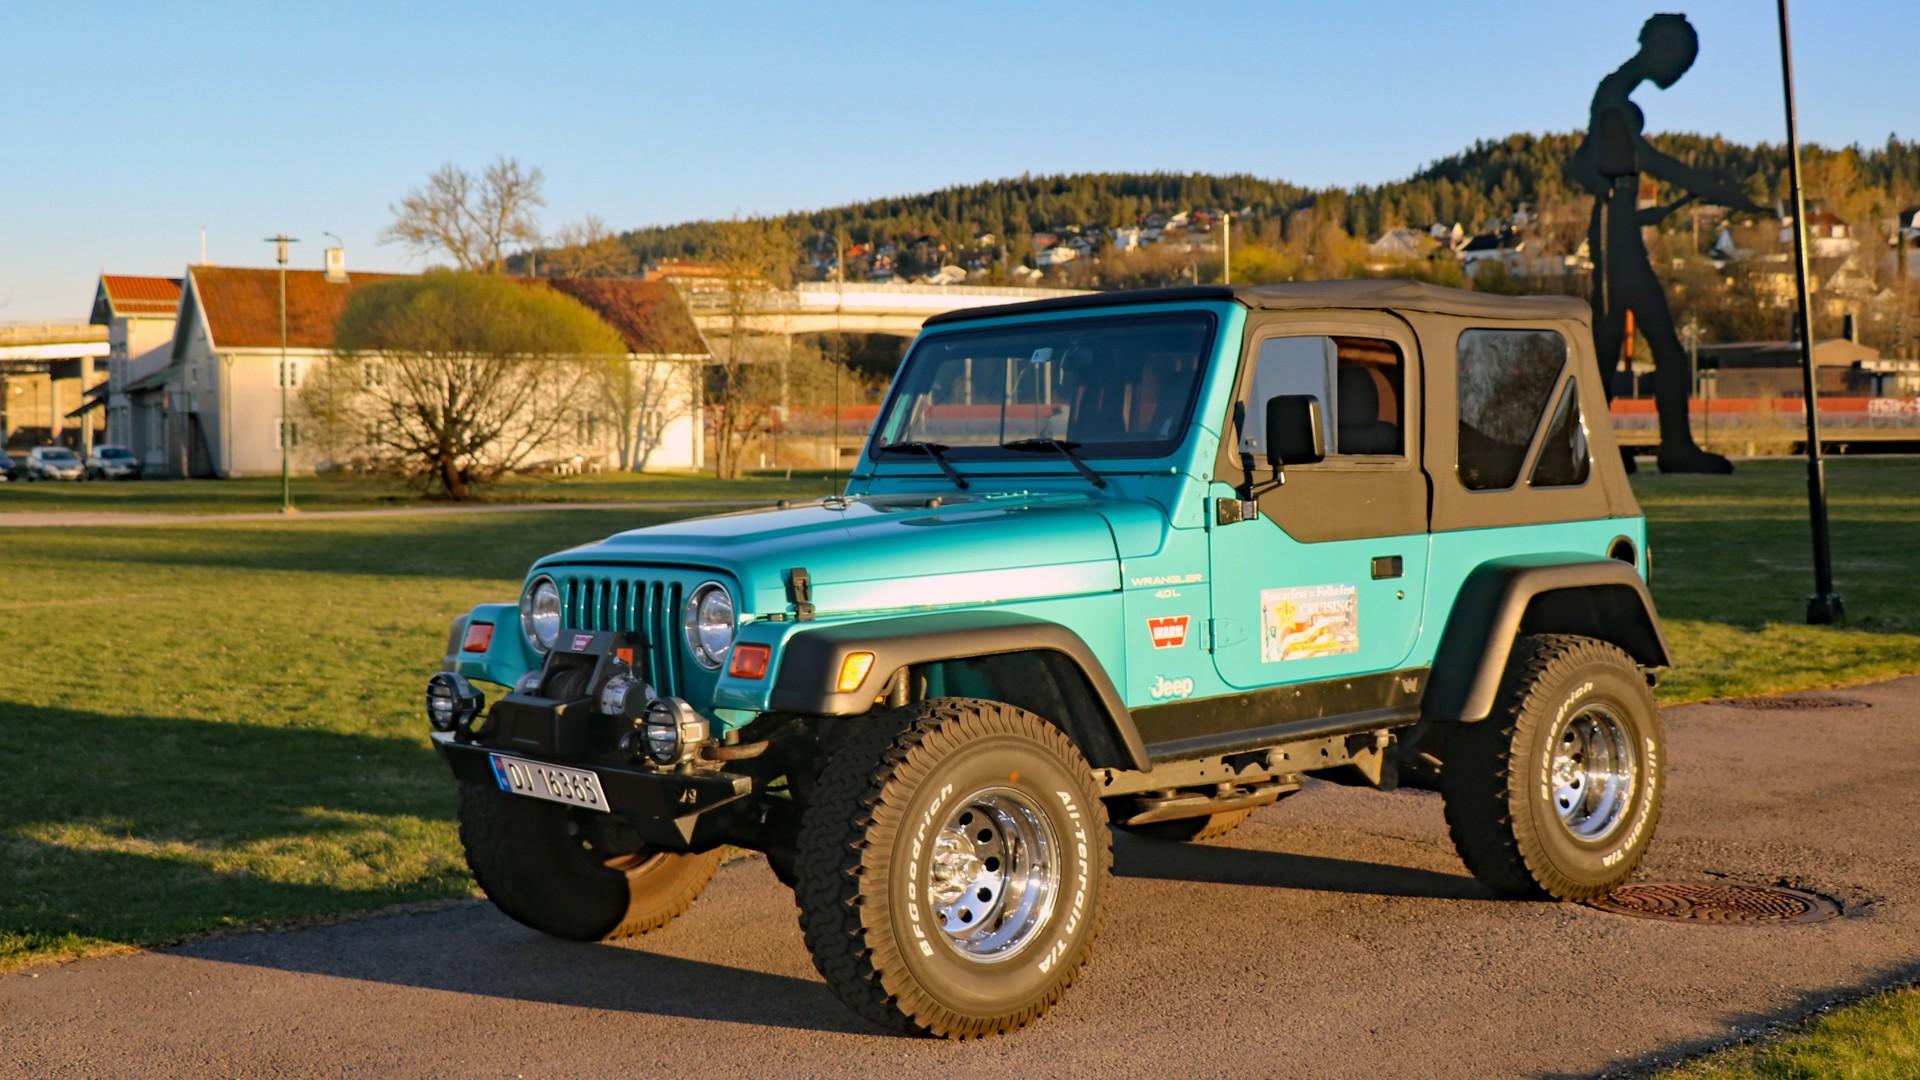 167-1997 Jeep Wrangler TJ 01. Eier- medlem 167 Joh